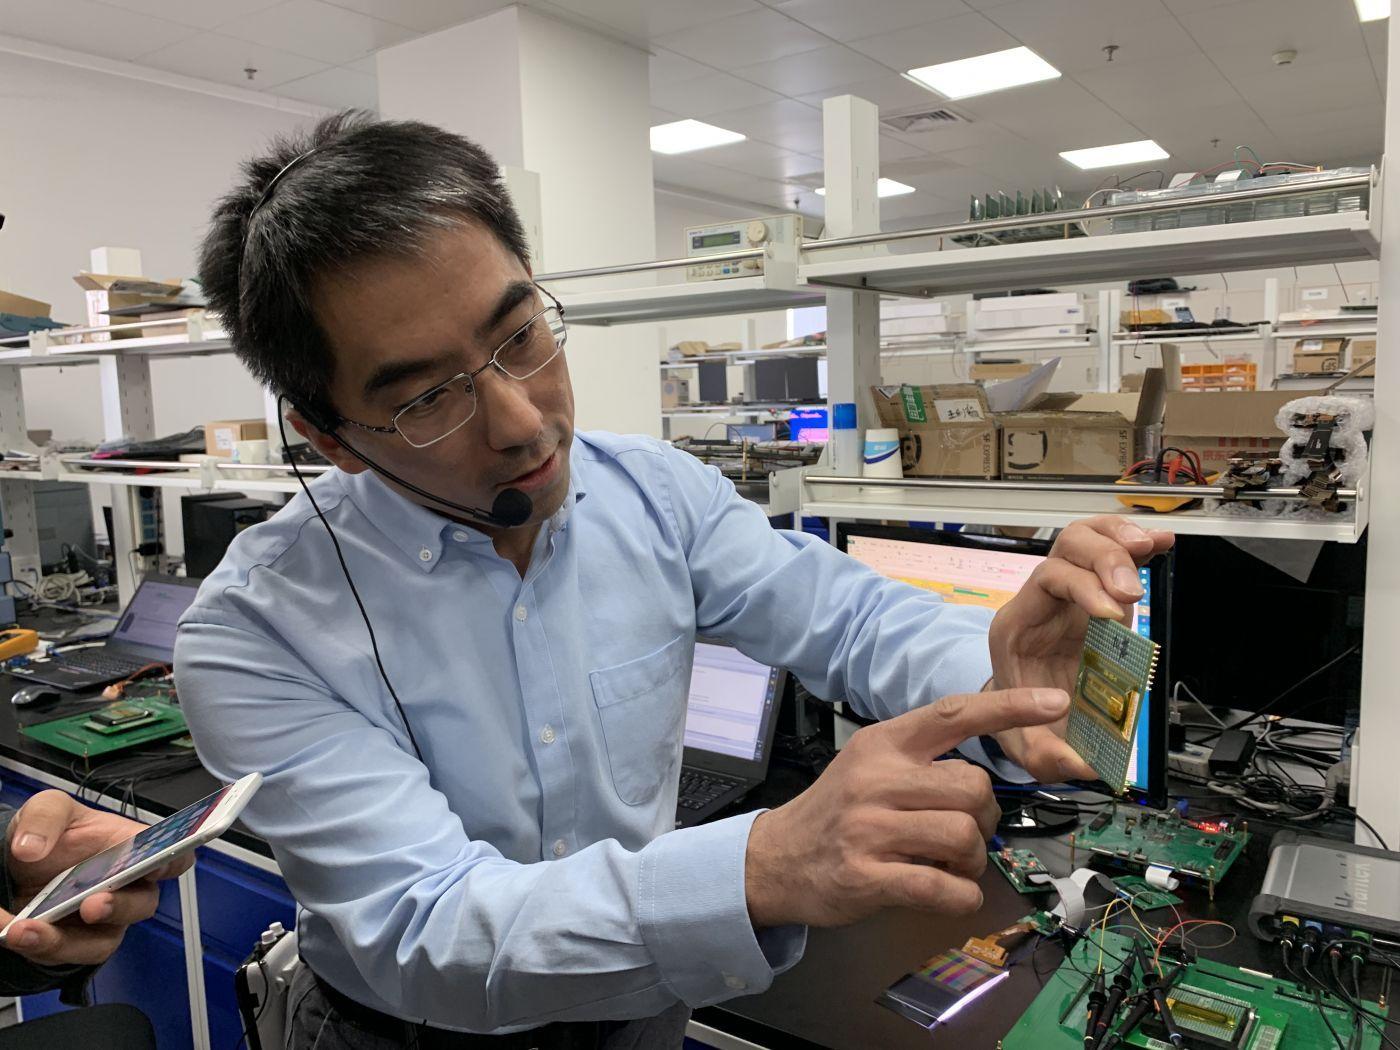 集创北方研发副总裁耿俊成介绍测试芯片